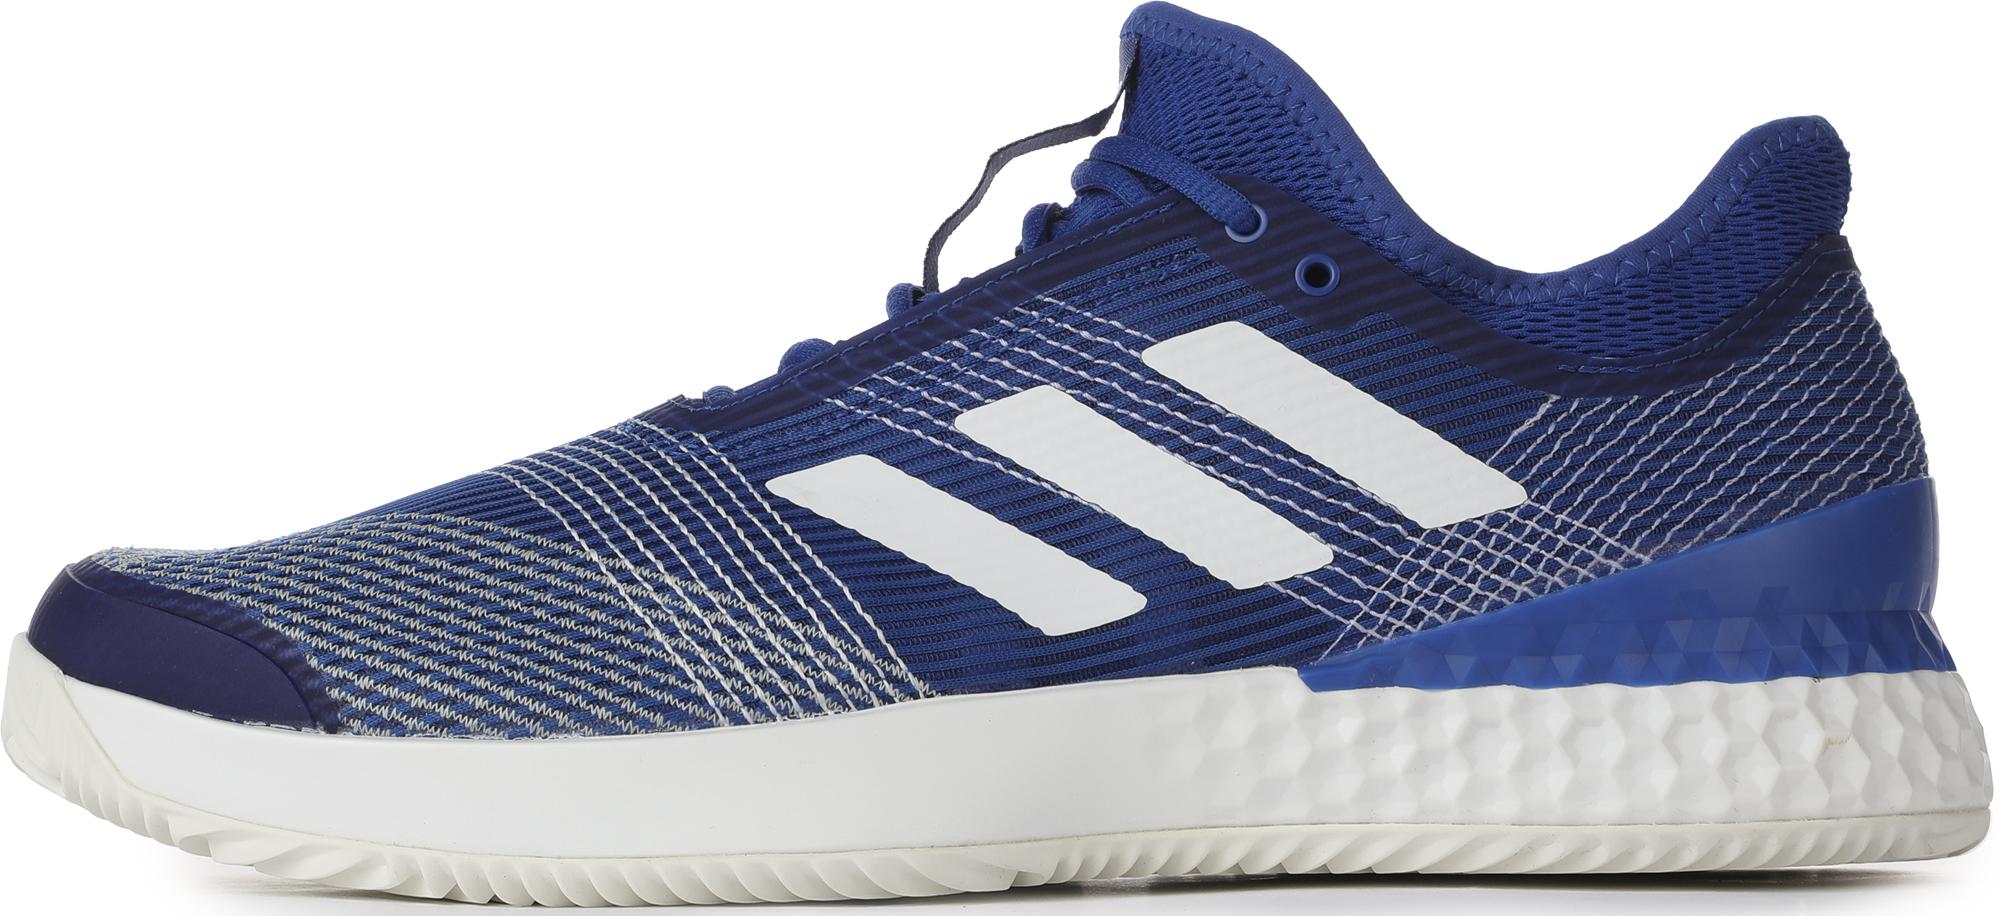 Adidas Кроссовки мужские Adidas Adizero Ubersonic 3, размер 40 баскетбольные кроссовки adidas rose boost rose derrick